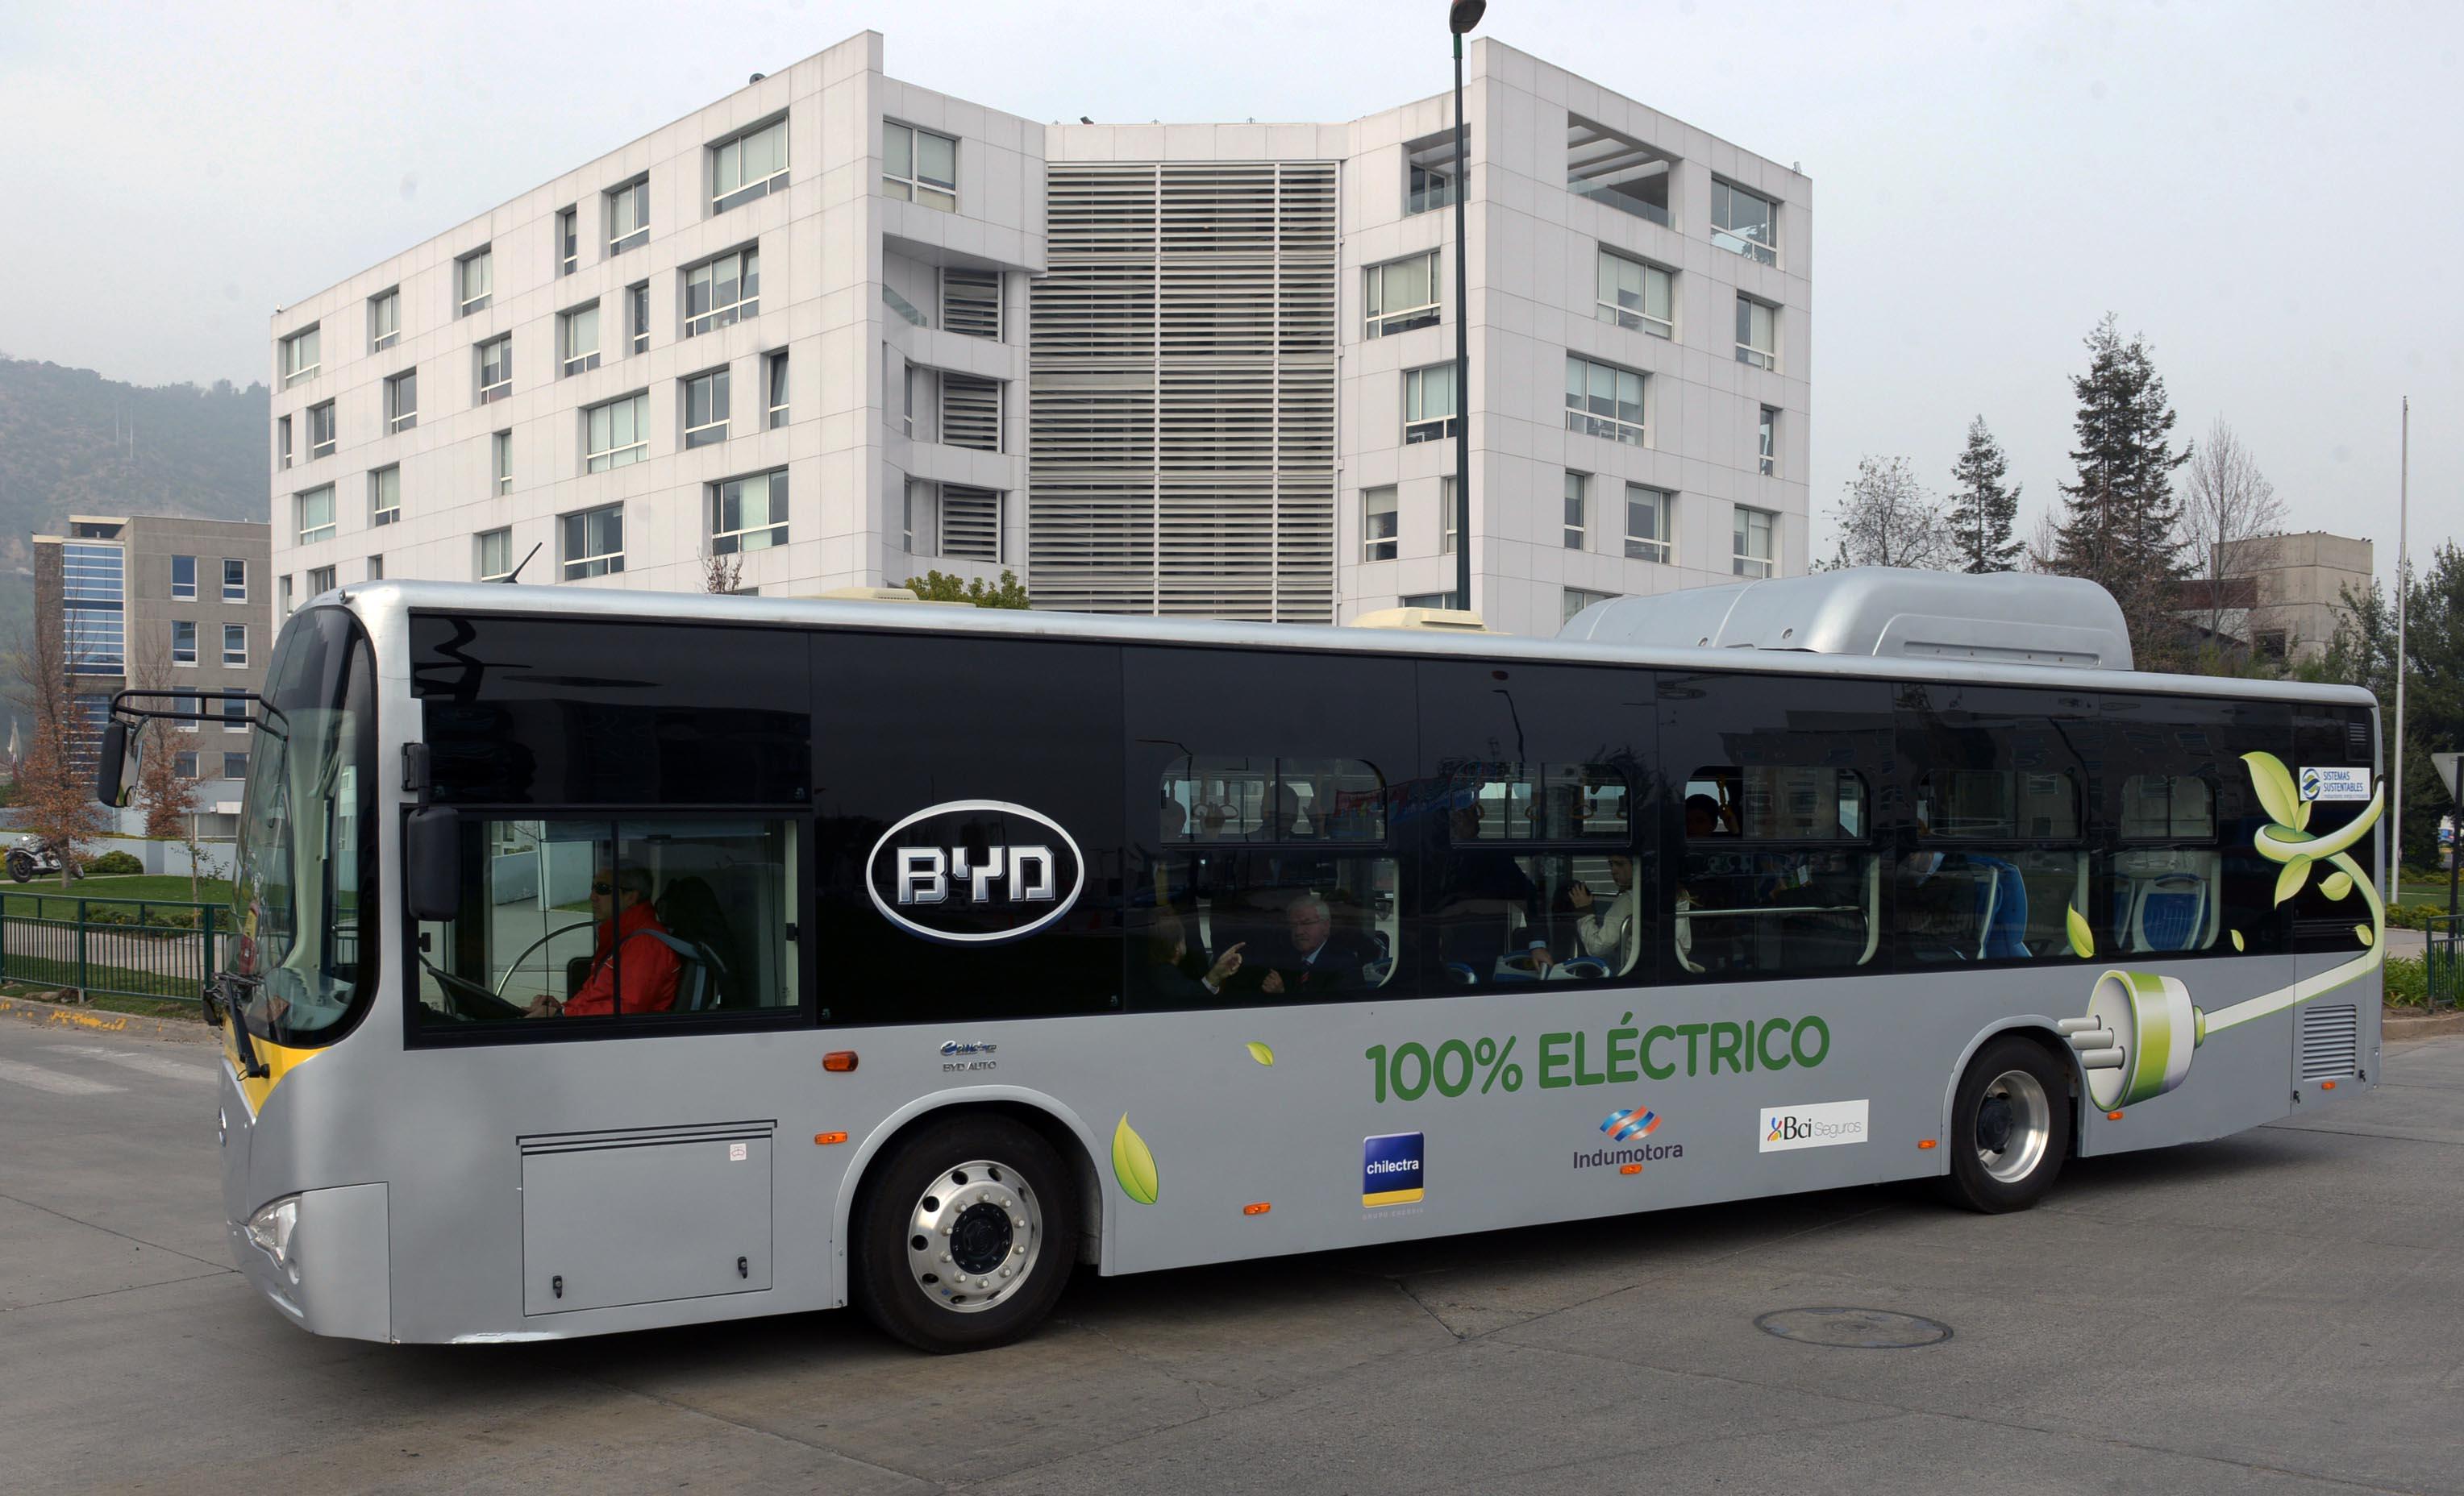 Resultado de imagen para byd bus electrico chile